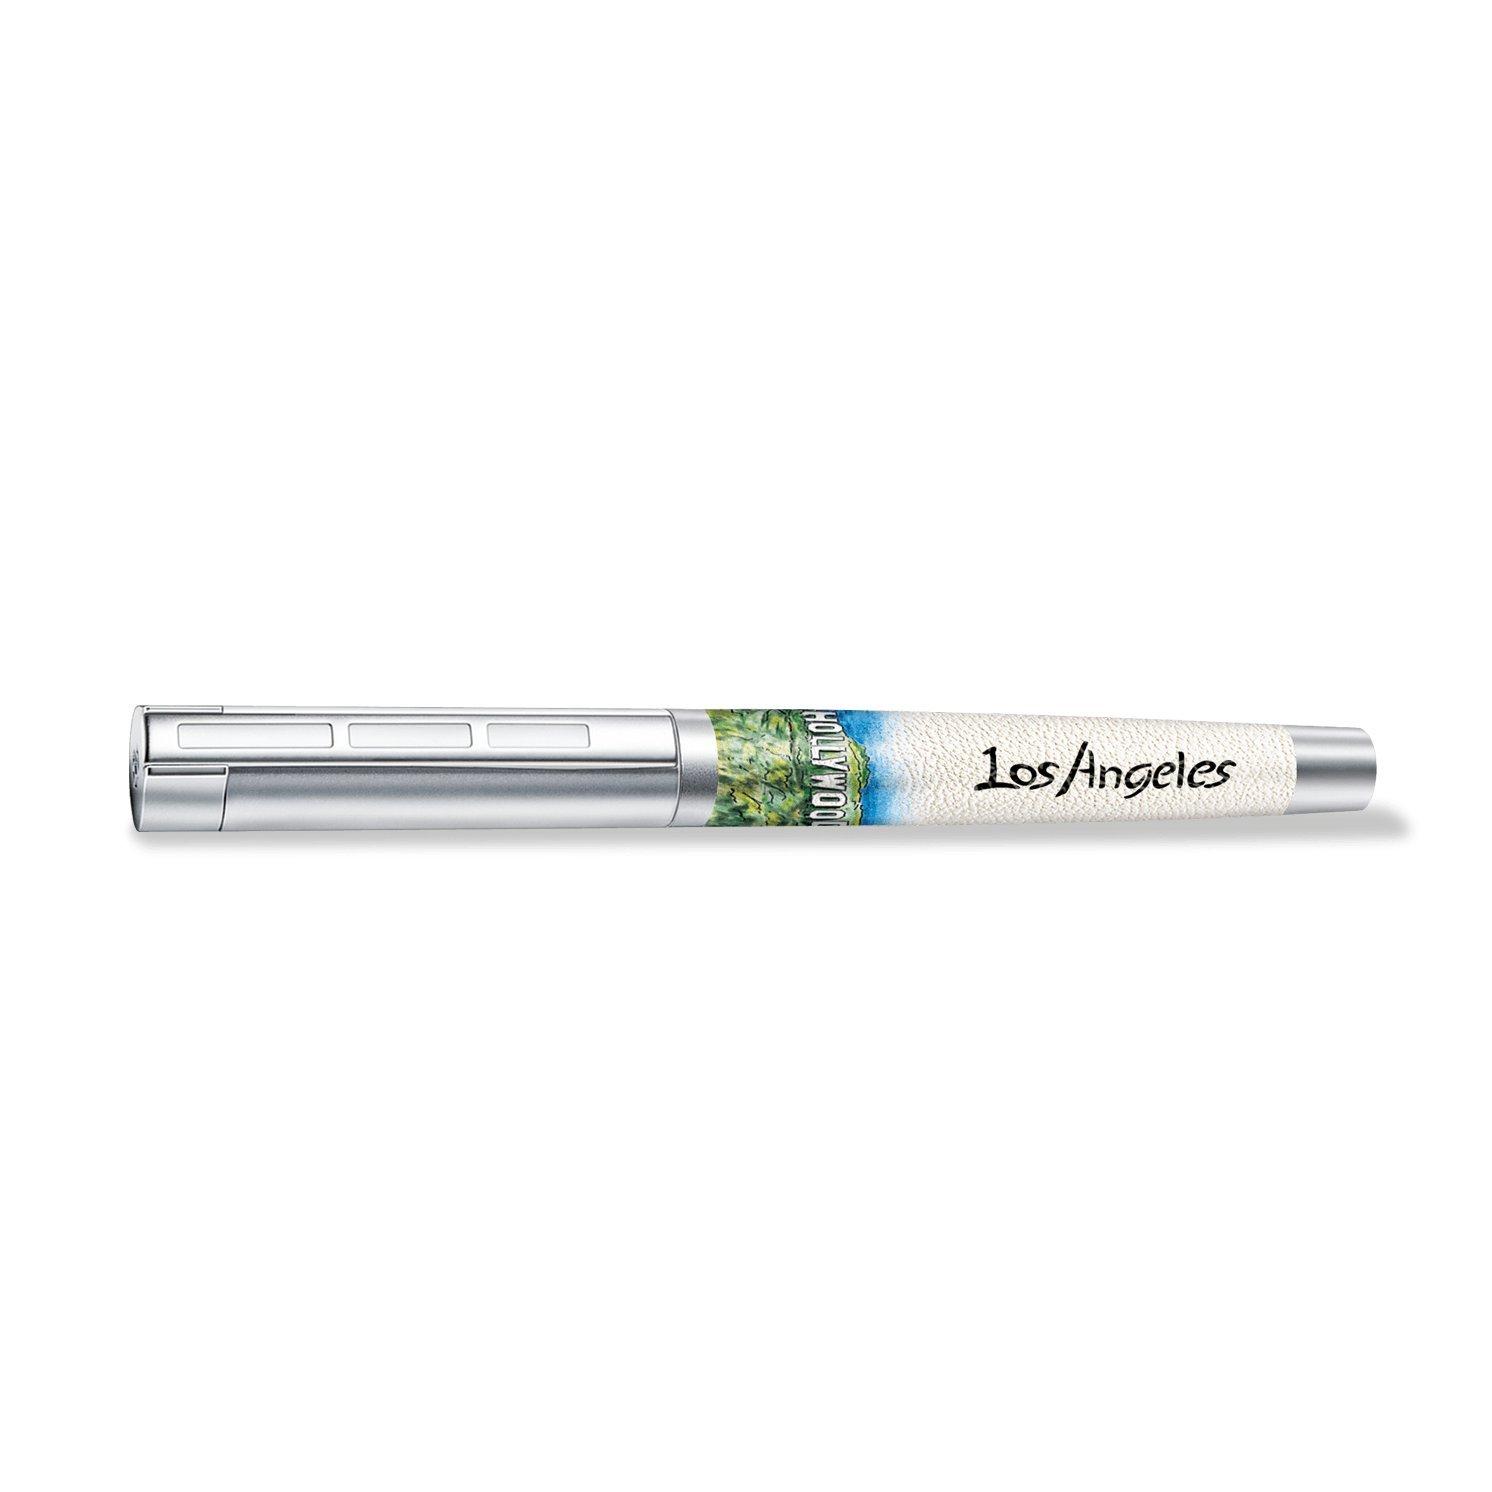 Penna stilografica Premium Corium Urbes F Berlino Staedtler Premium